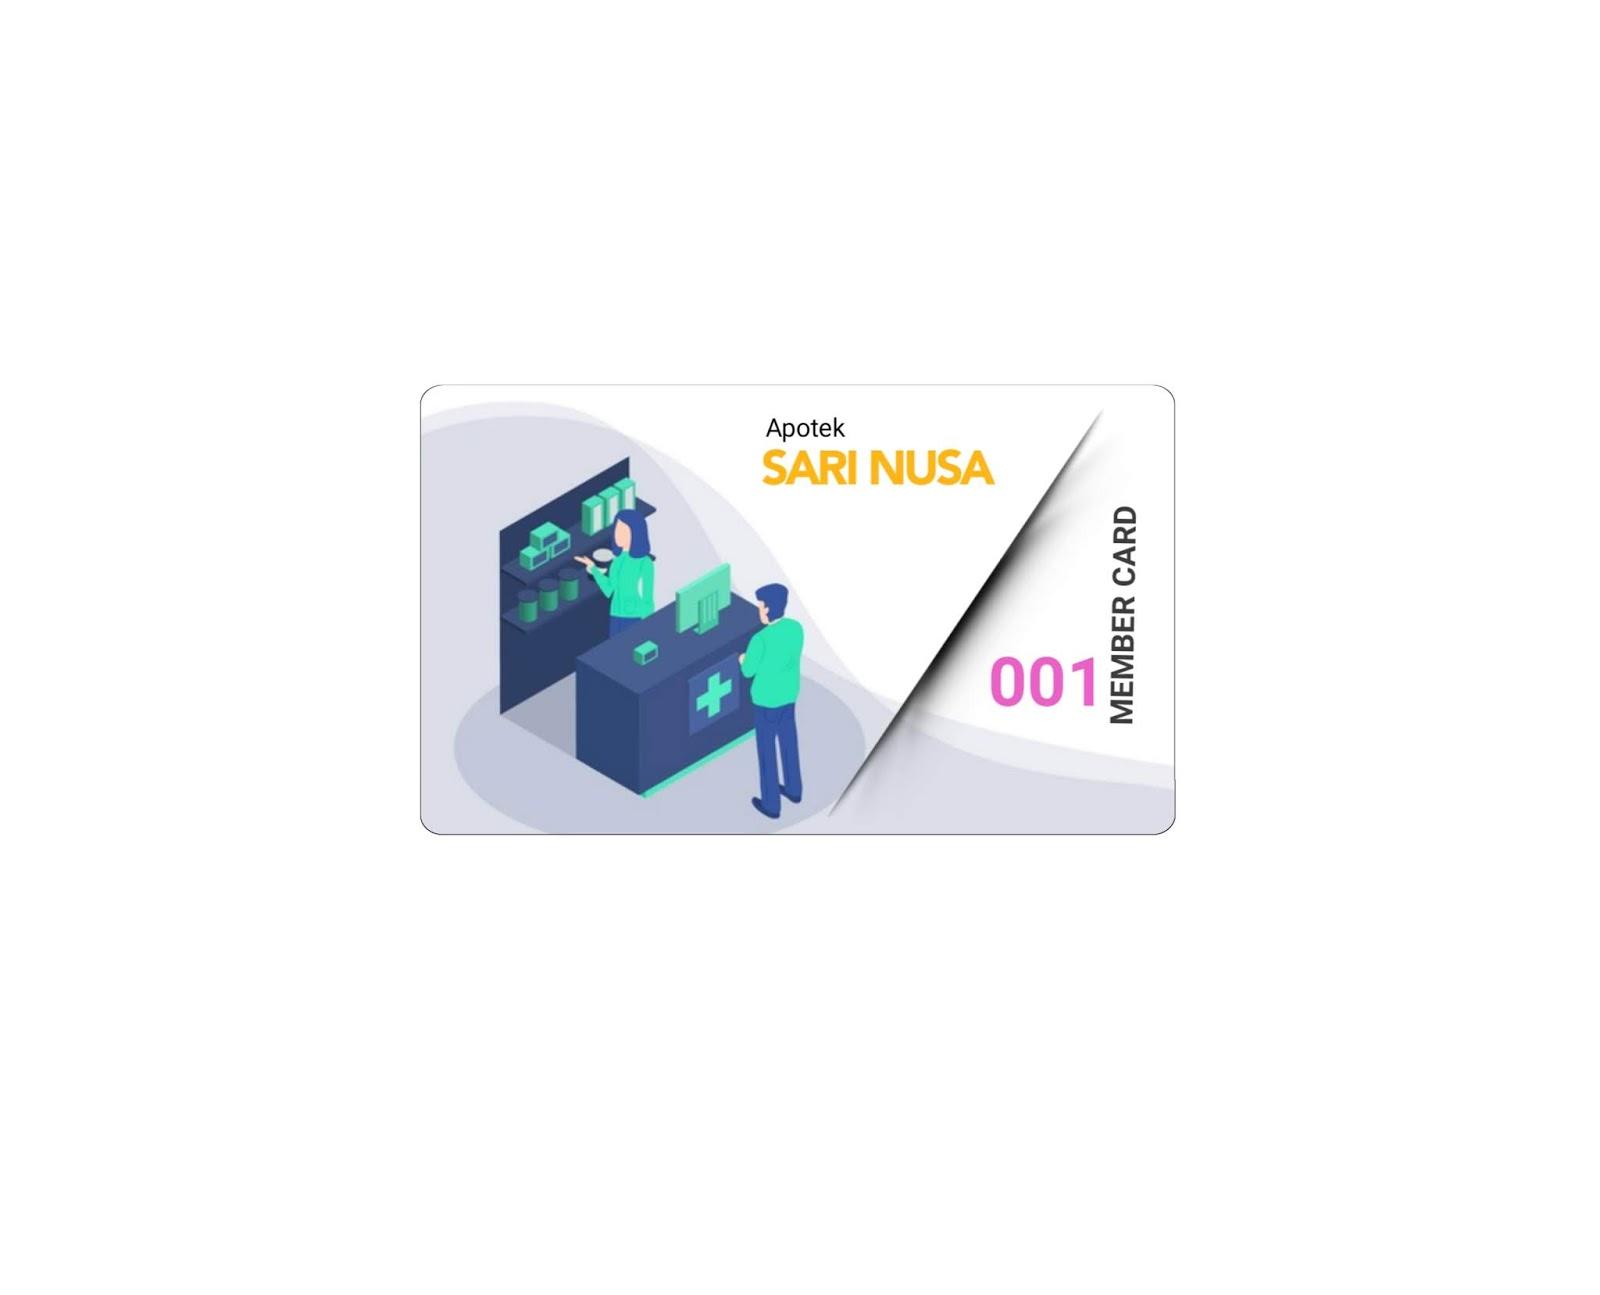 Cetak kartu member apotek